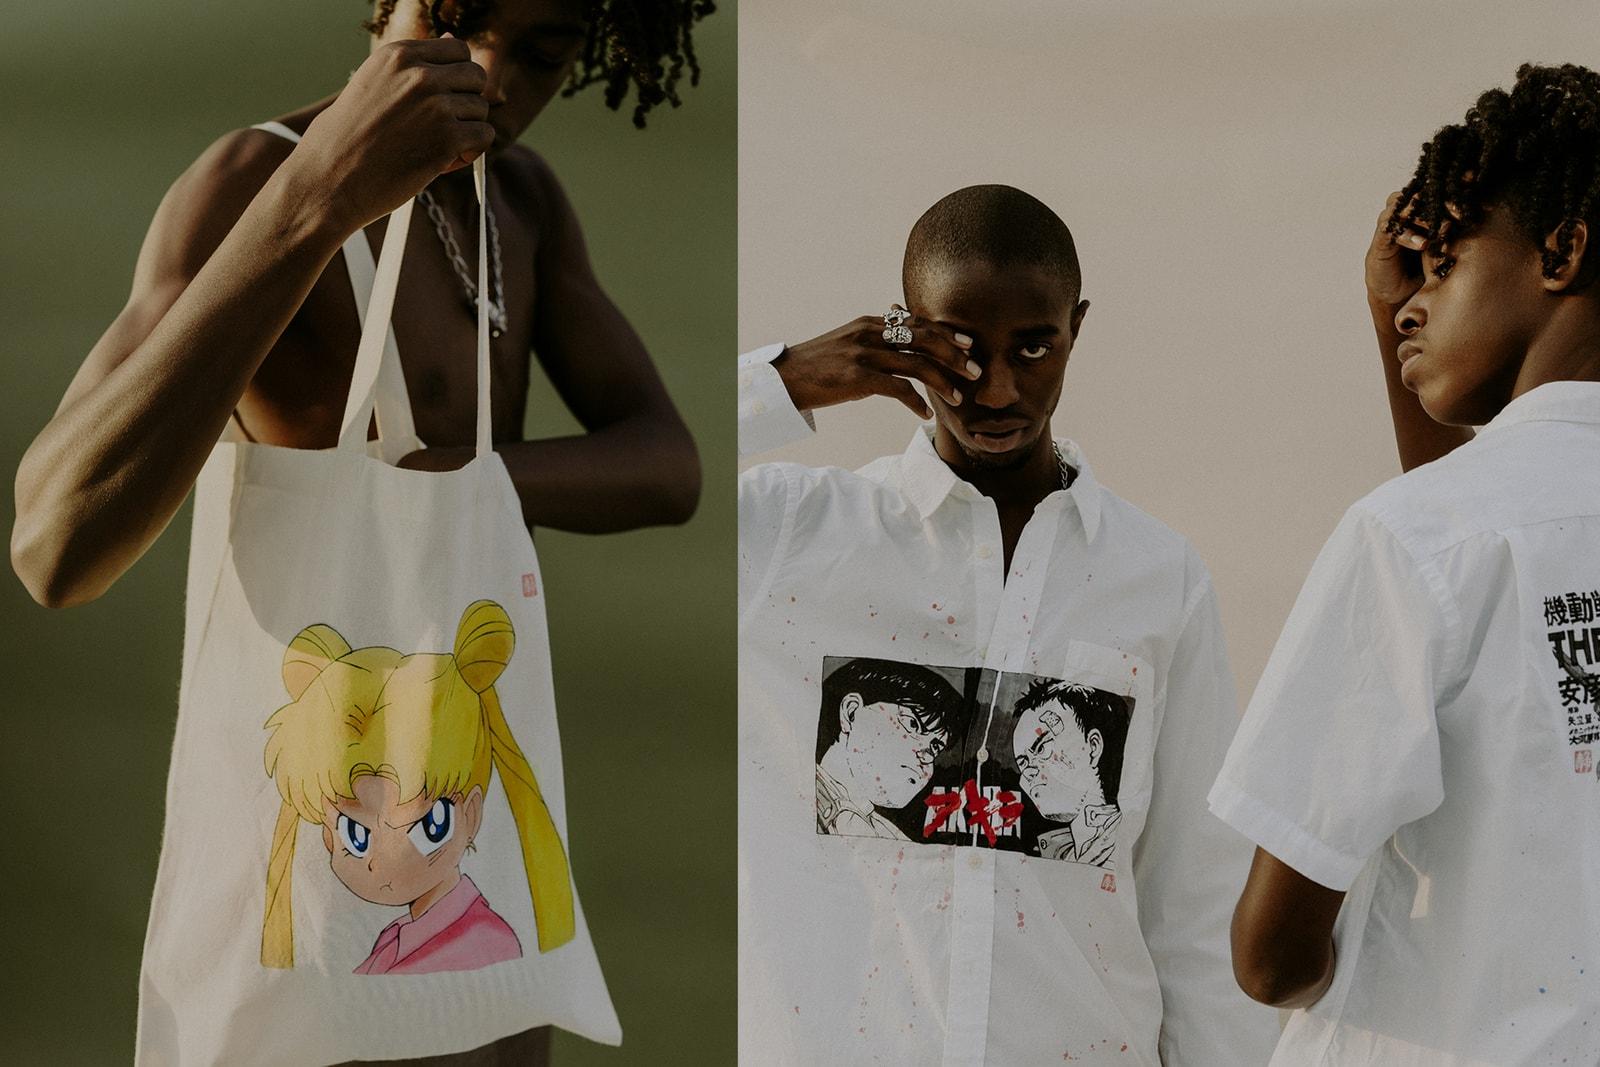 Jynwaye Artist Sailor Moon Hand Painted Tote Bag